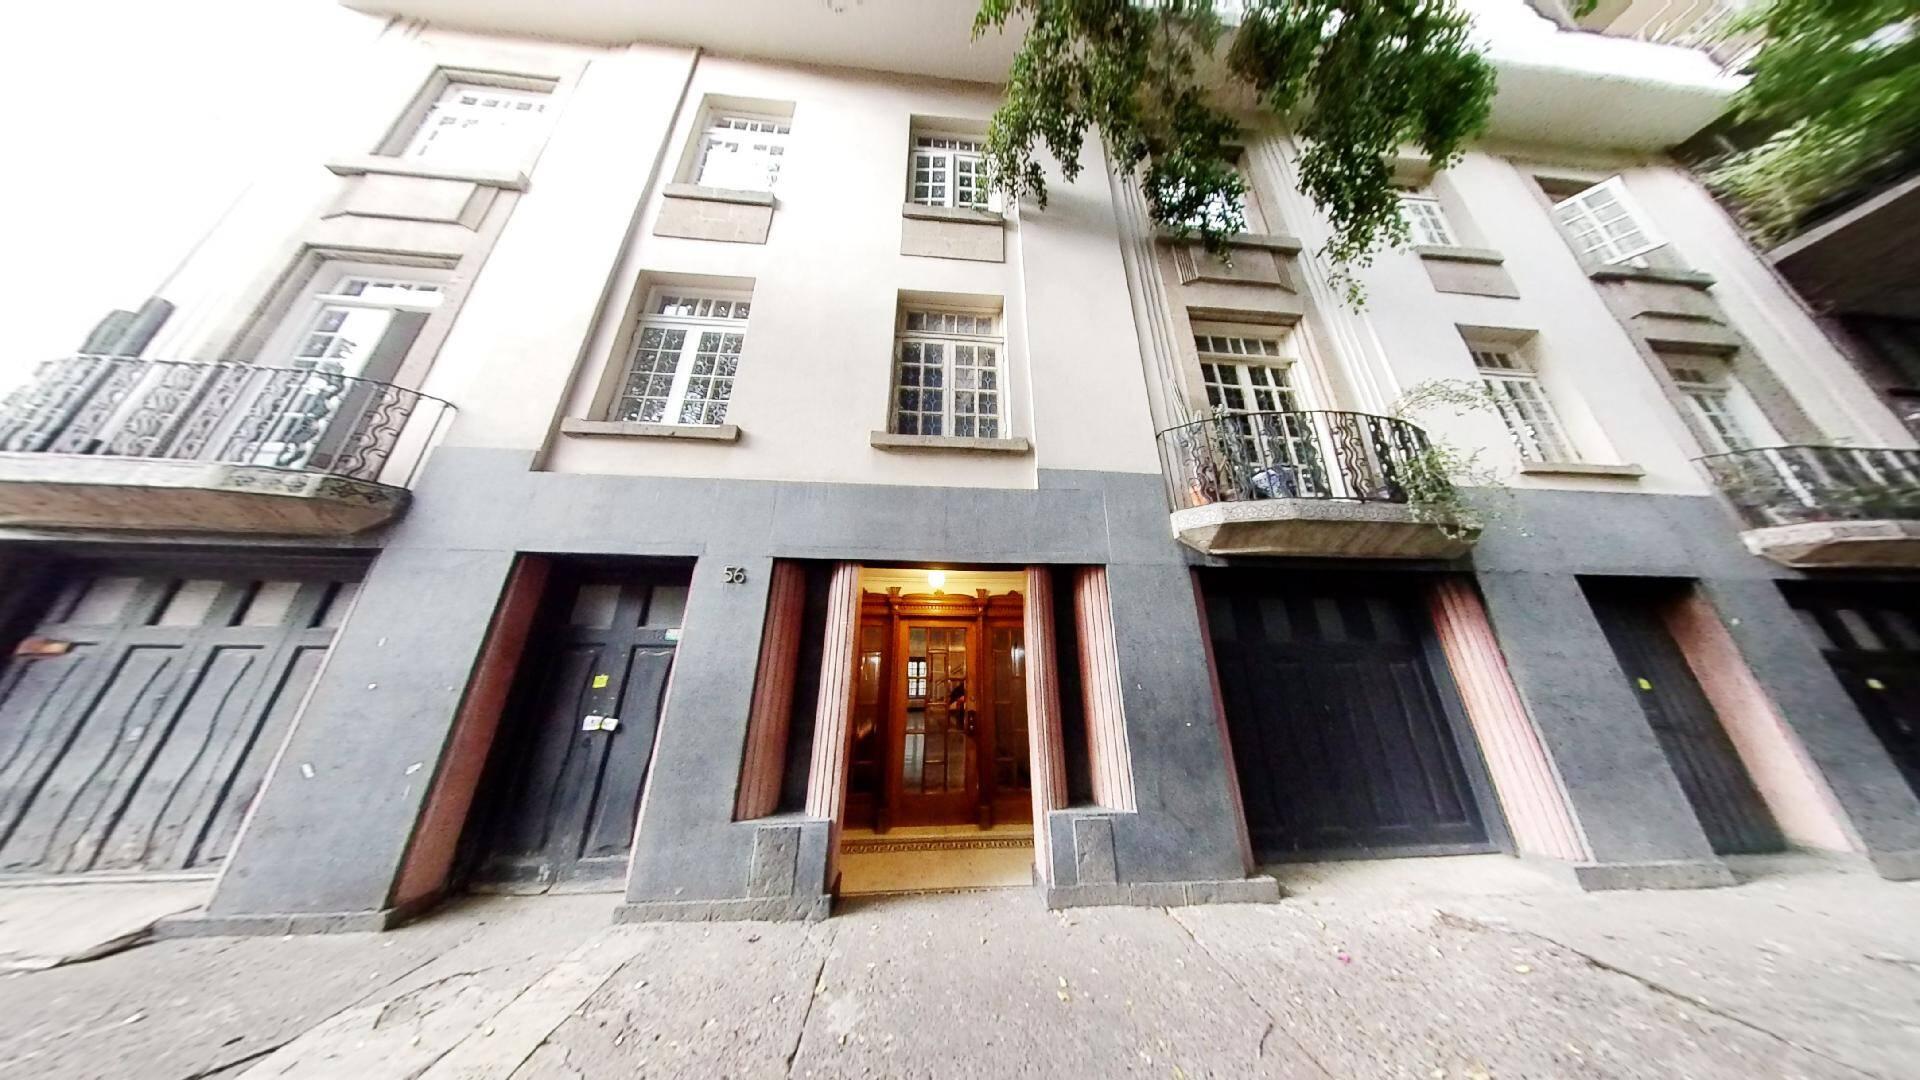 Departamento en Venta en la Colonia Condesa. Edificio Art Decó catalogado por el INBA.